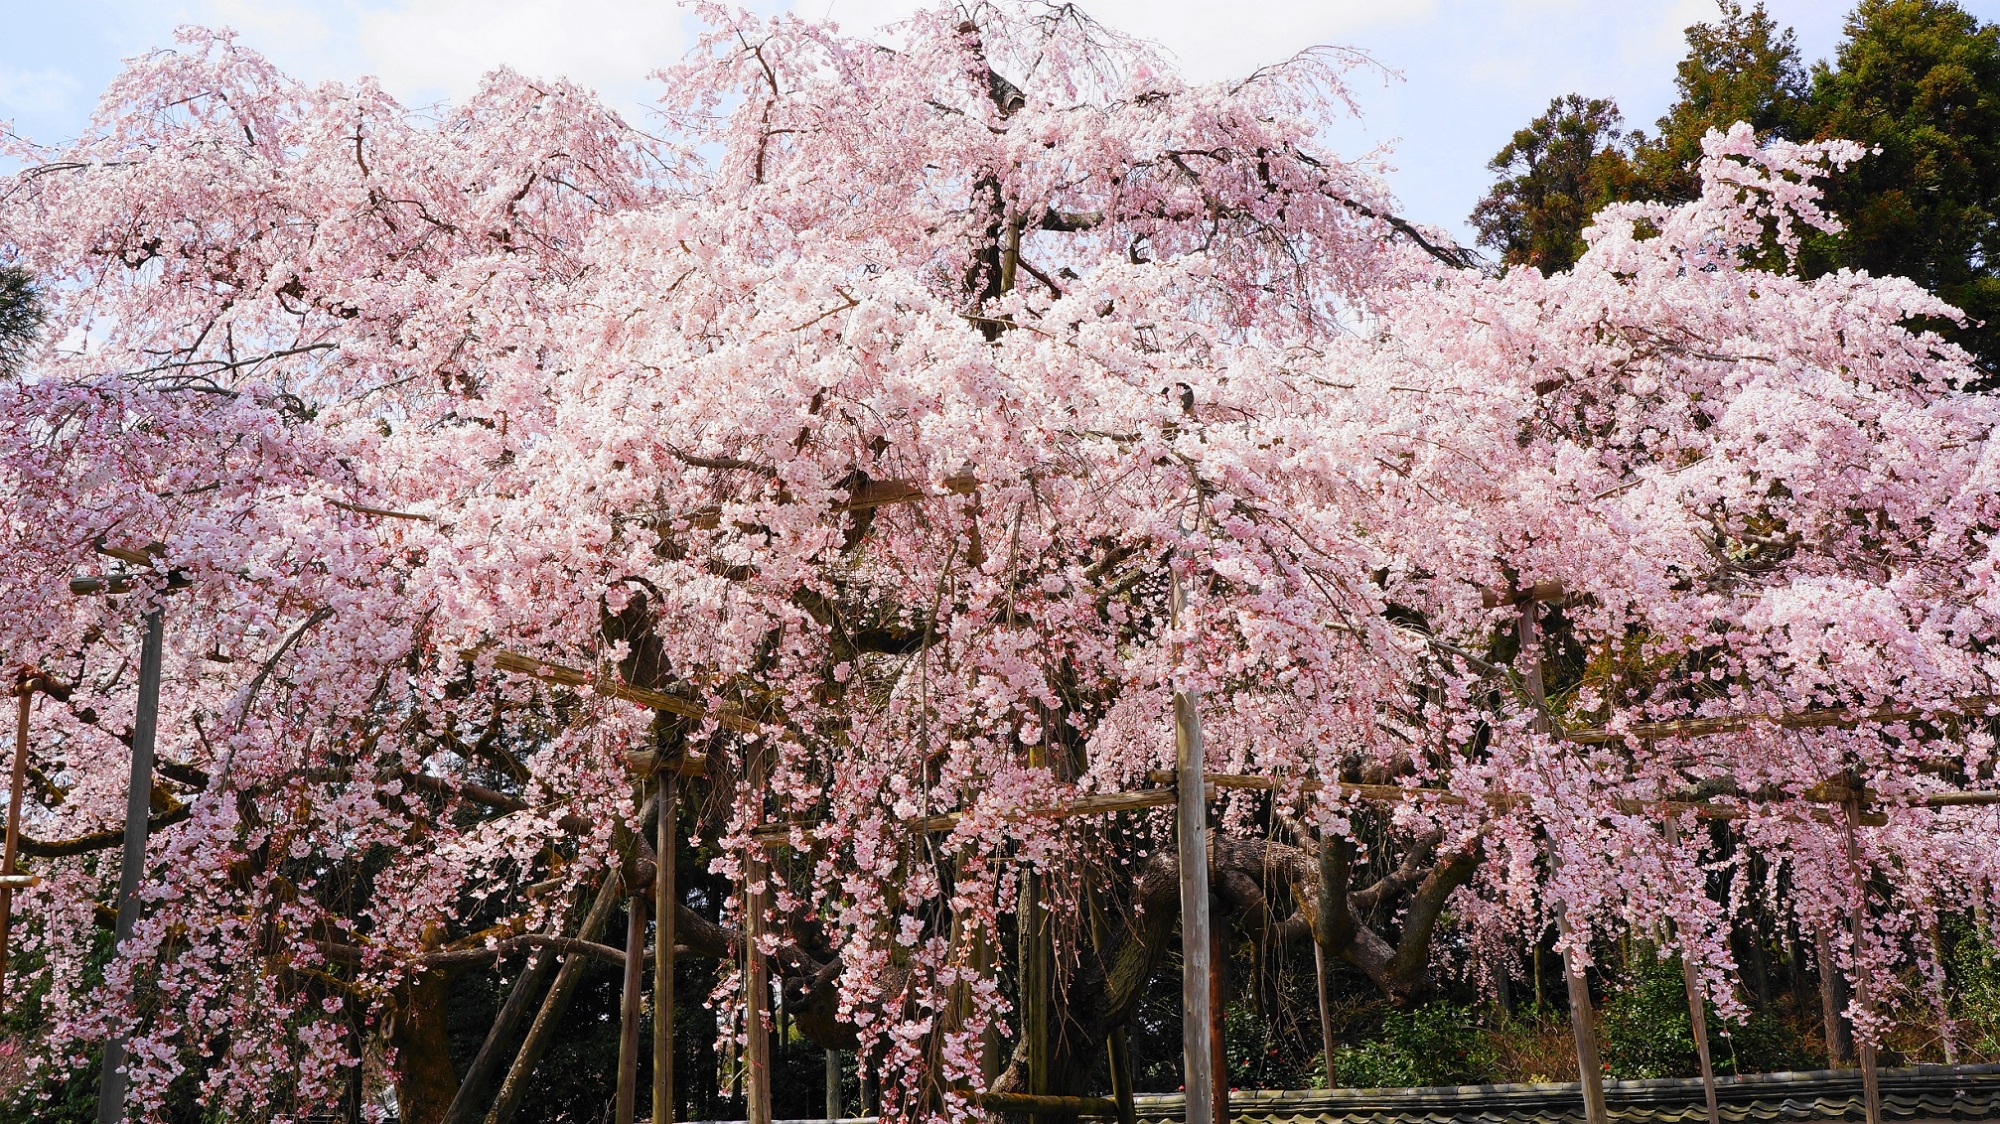 秀吉の花見で有名な醍醐寺の三宝院の満開の迫力の太閤しだれ桜